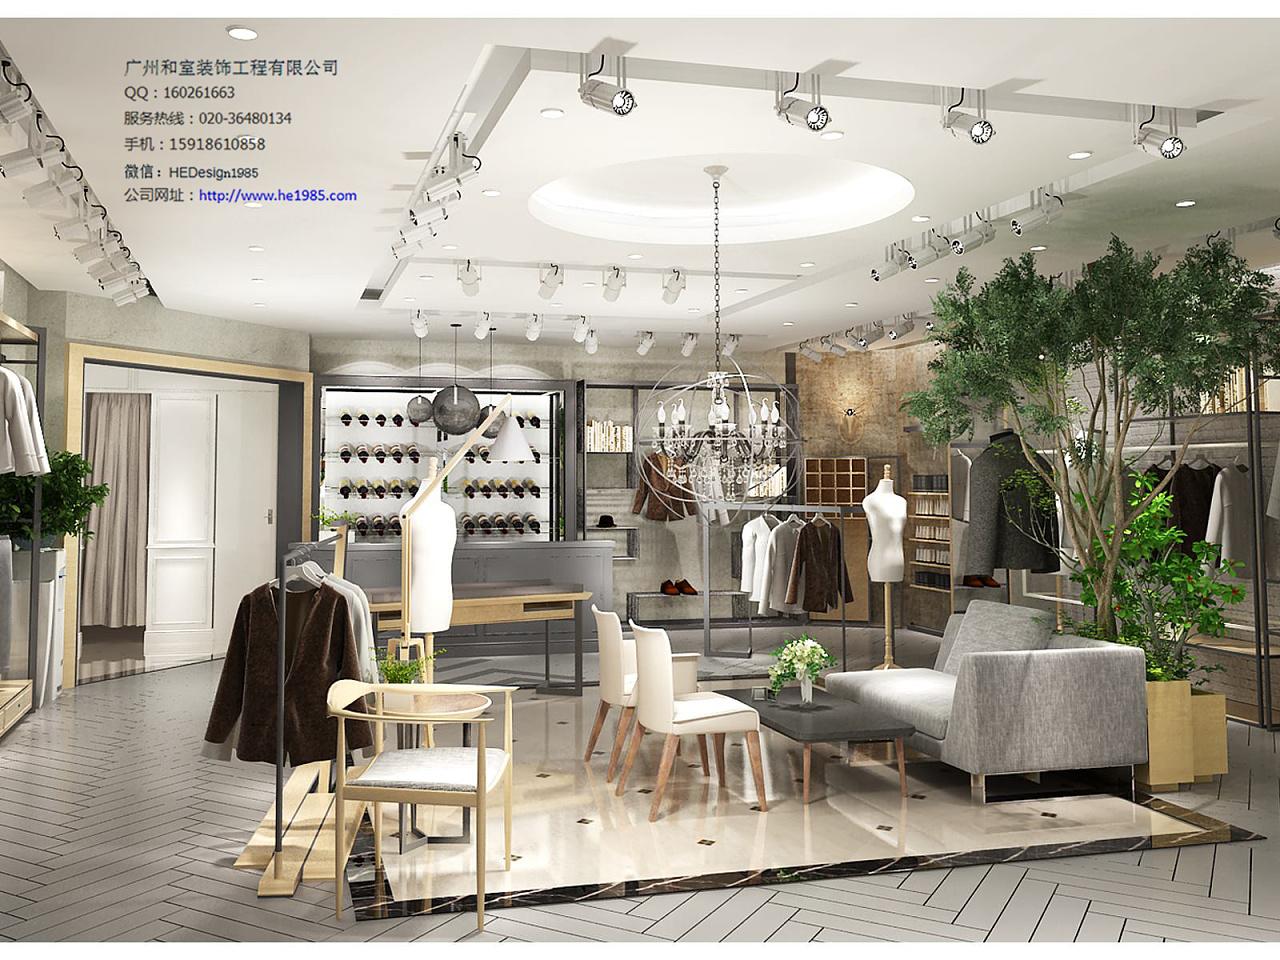 广州服装专卖店装修设计 空间 展示设计  he1985